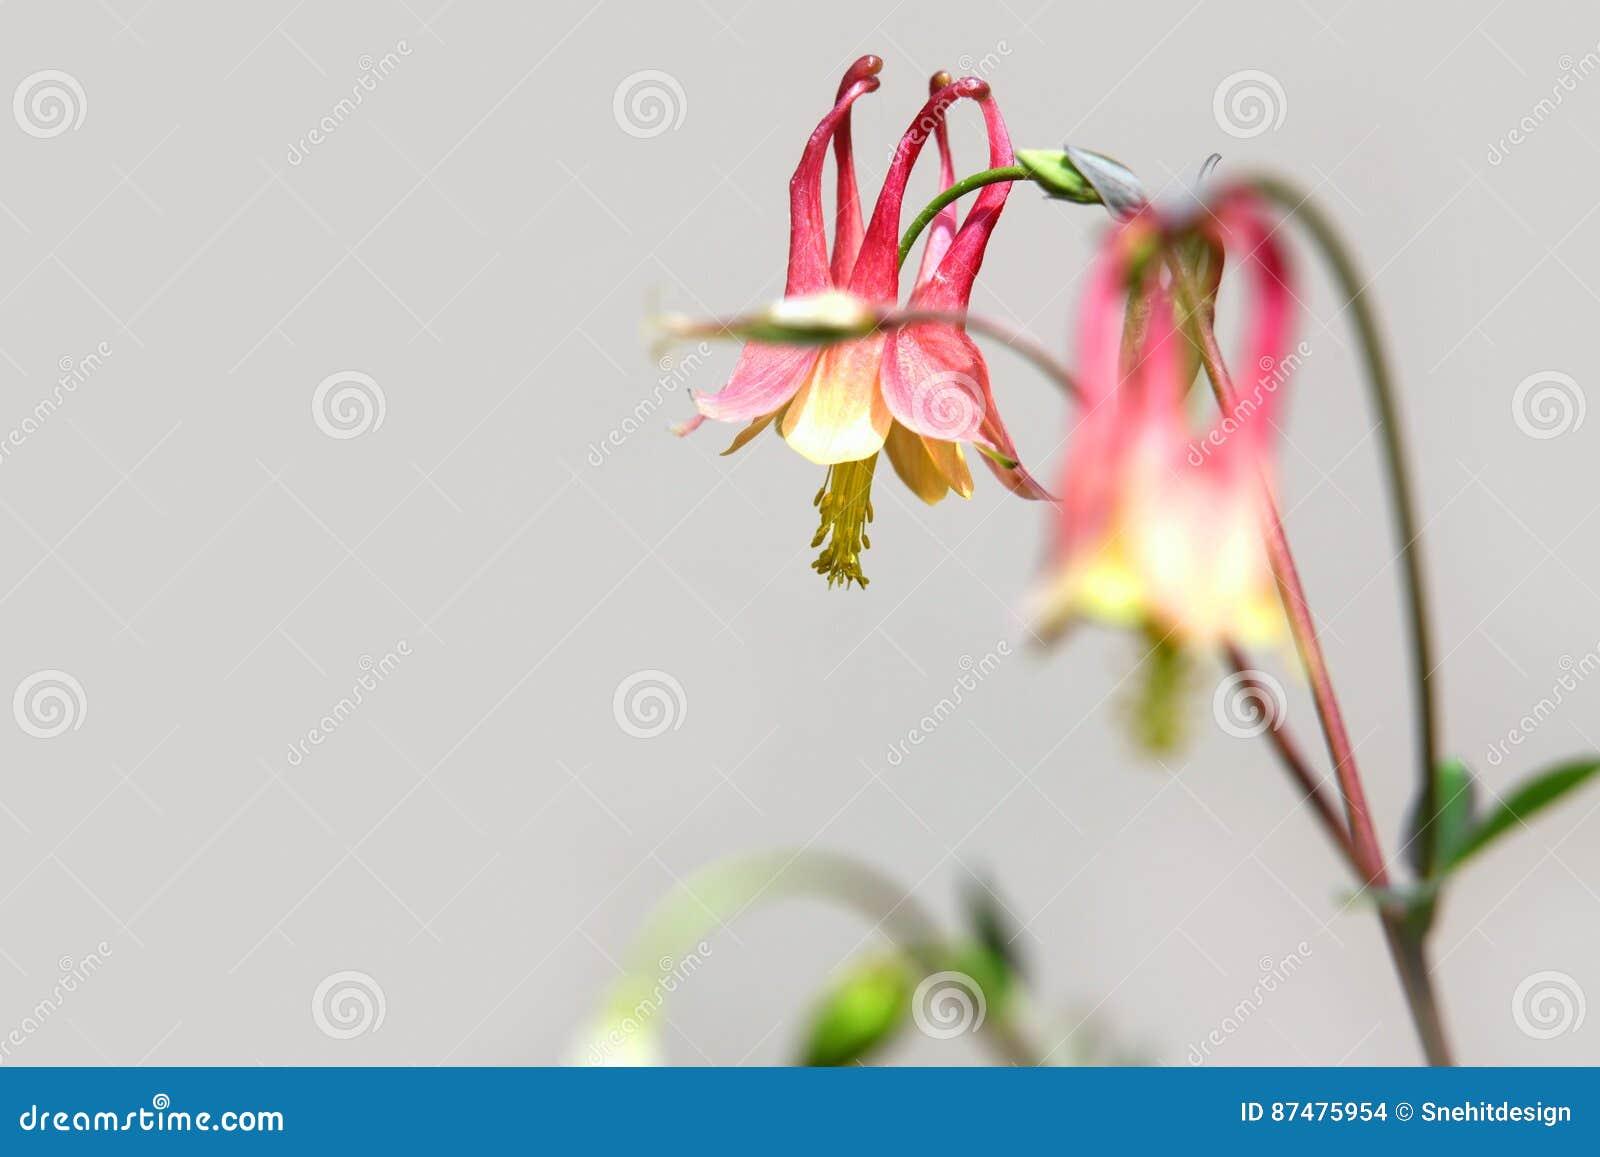 Columbine цветки красные